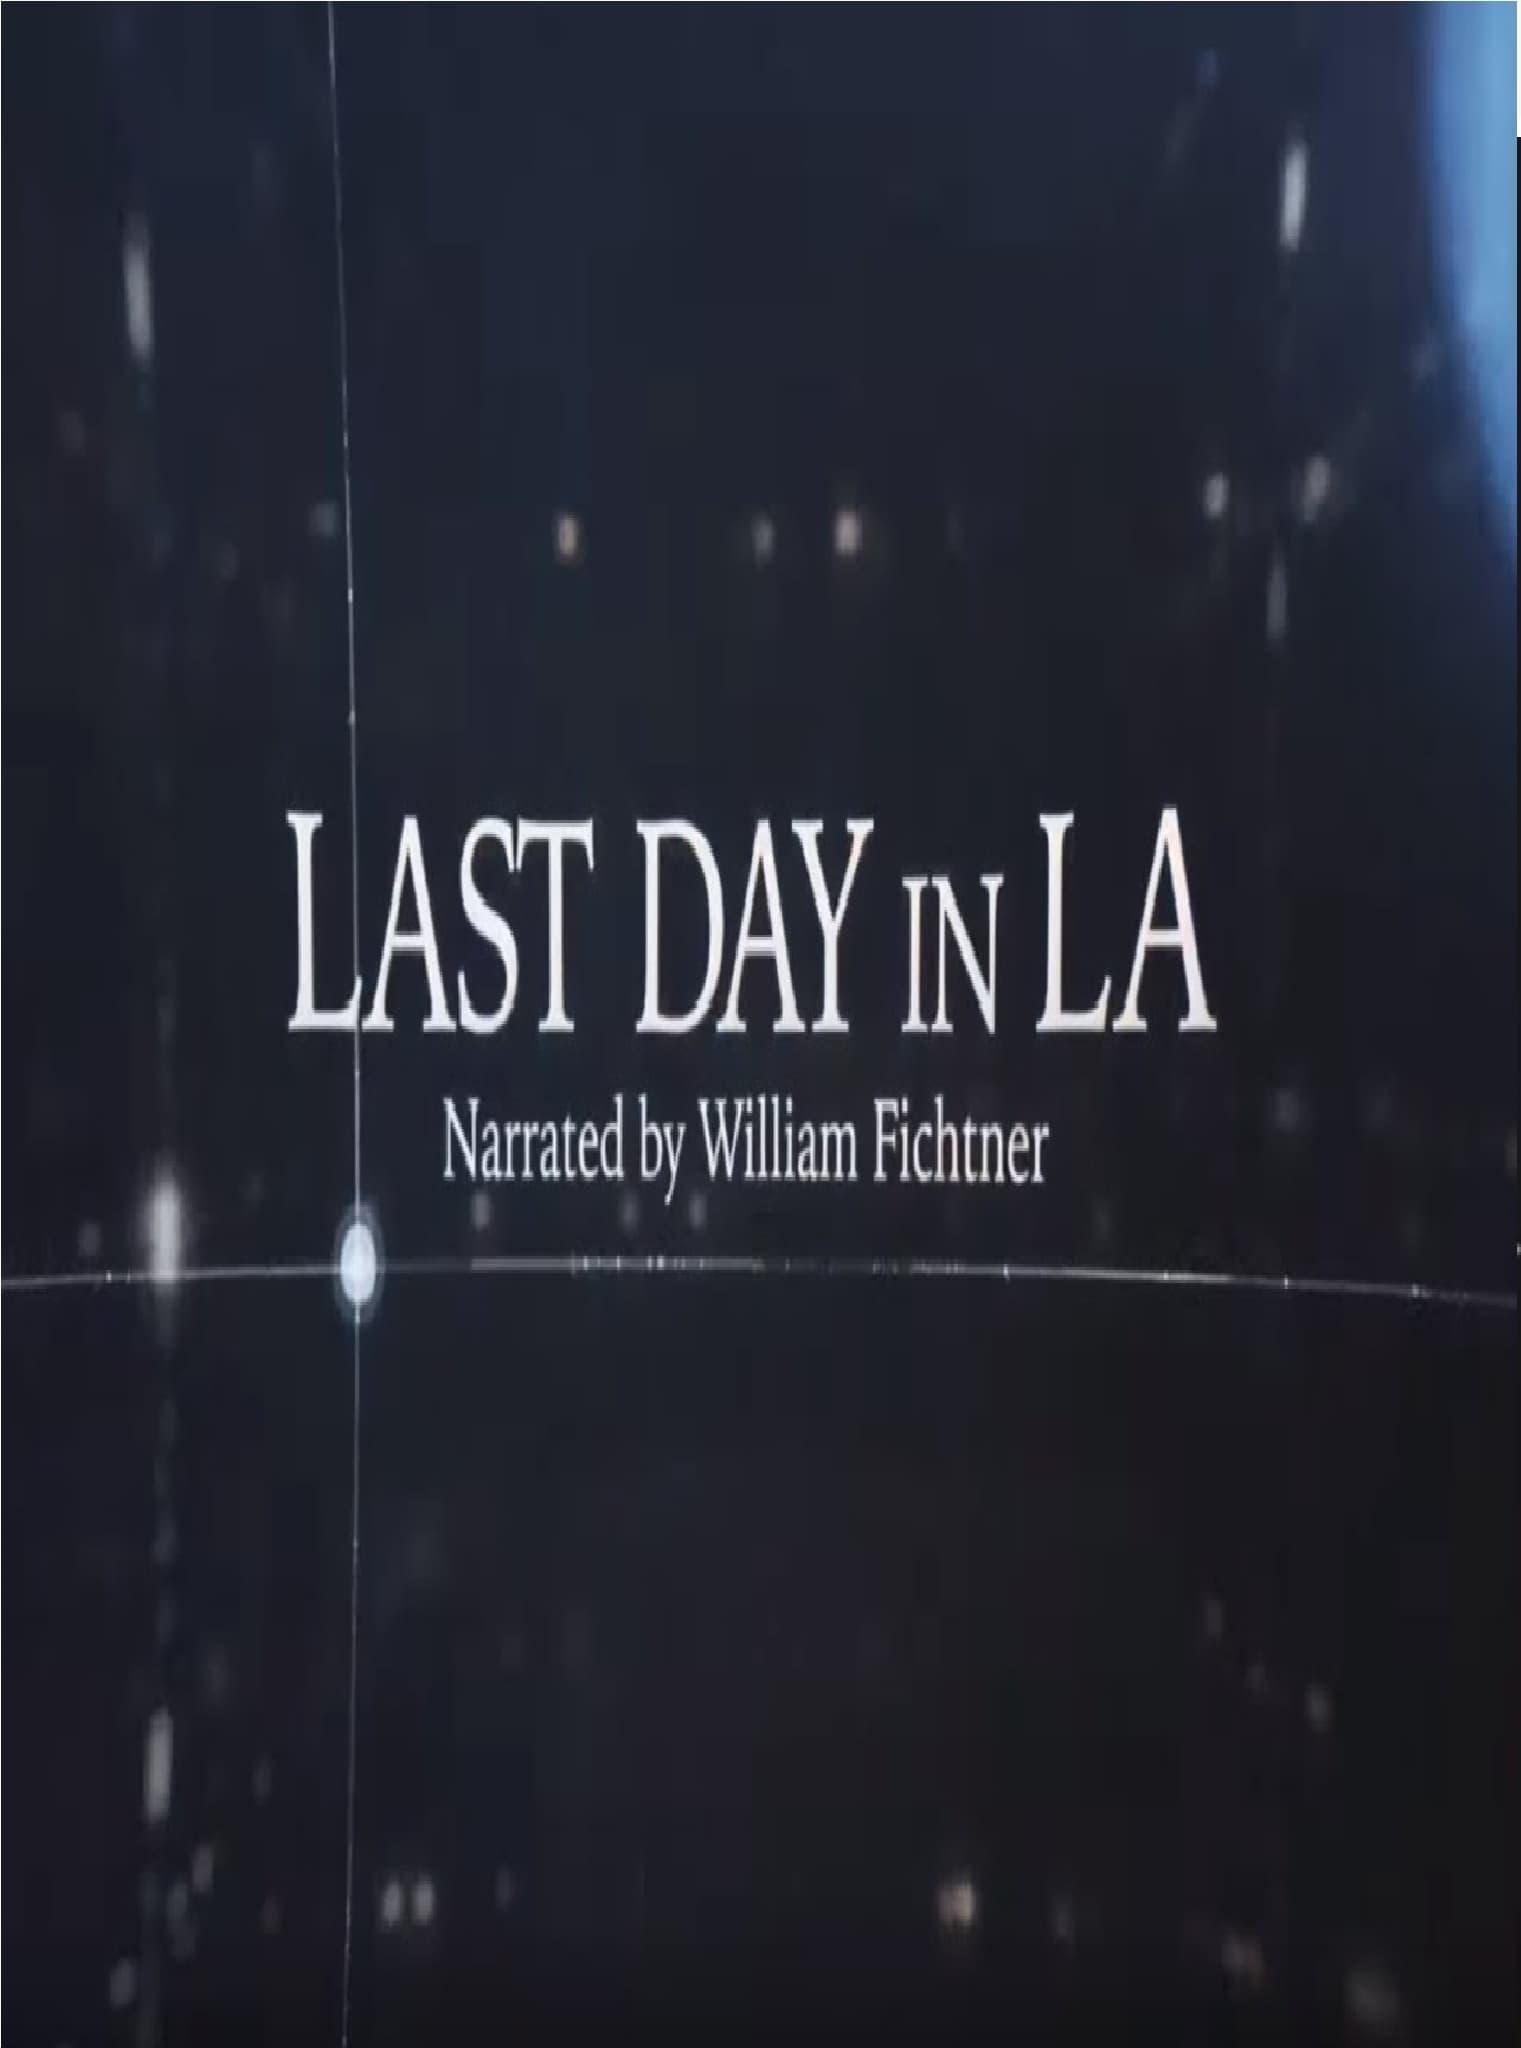 Last Day in LA